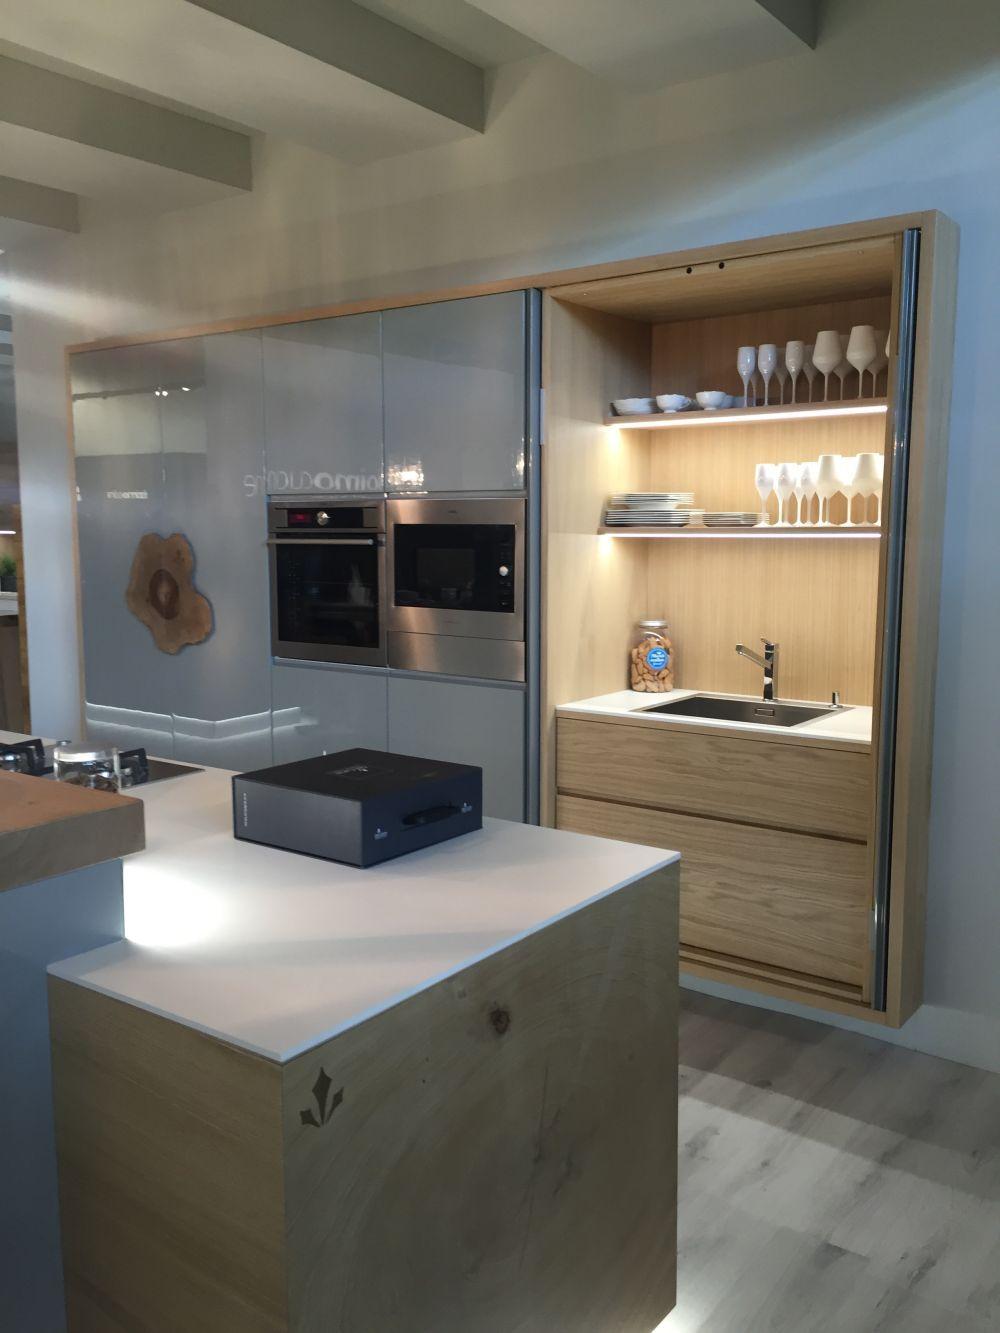 Was Kostet Die Umgestaltung Der True Kitchen Haus Umbau Innenarchitektur Kuche Plana Kuchen